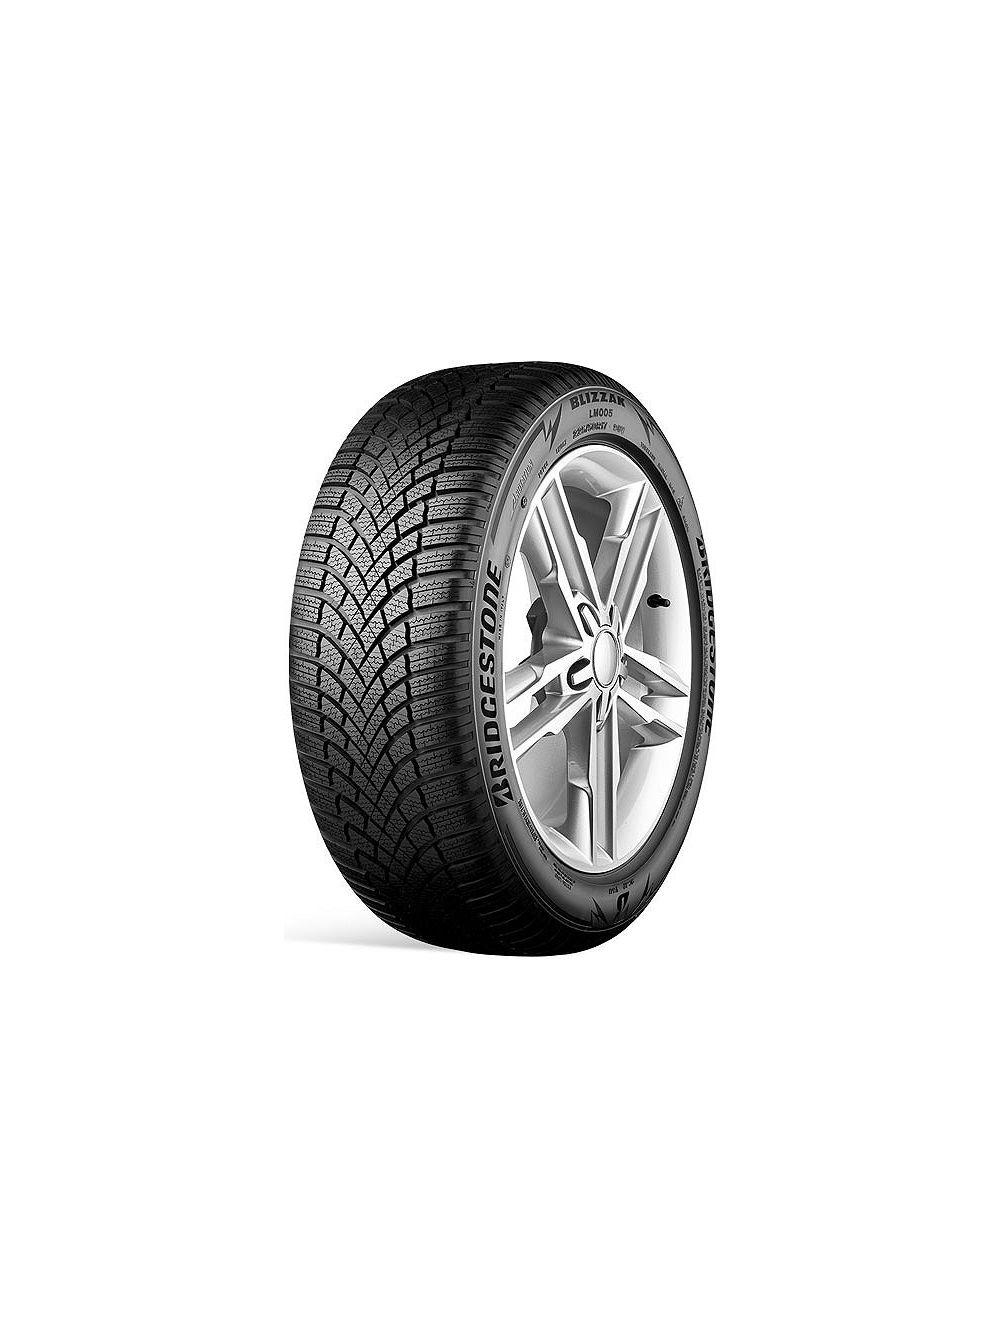 Bridgestone 165/70R14 T LM005 XL Téli gumi